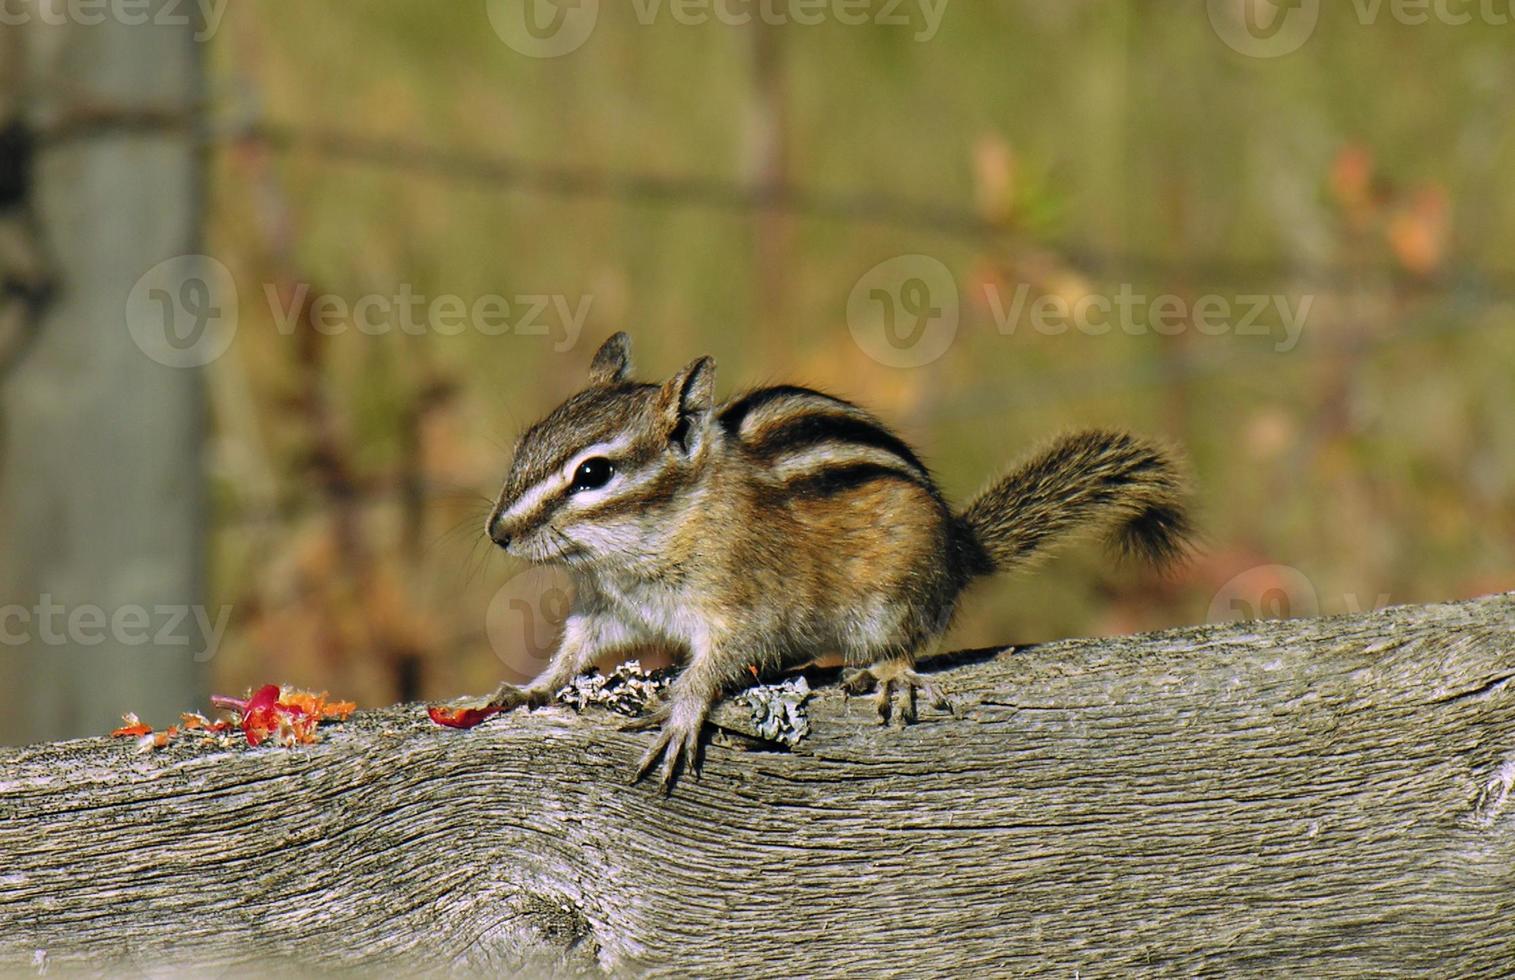 winziges Chipmunk-Grundeichhörnchen foto